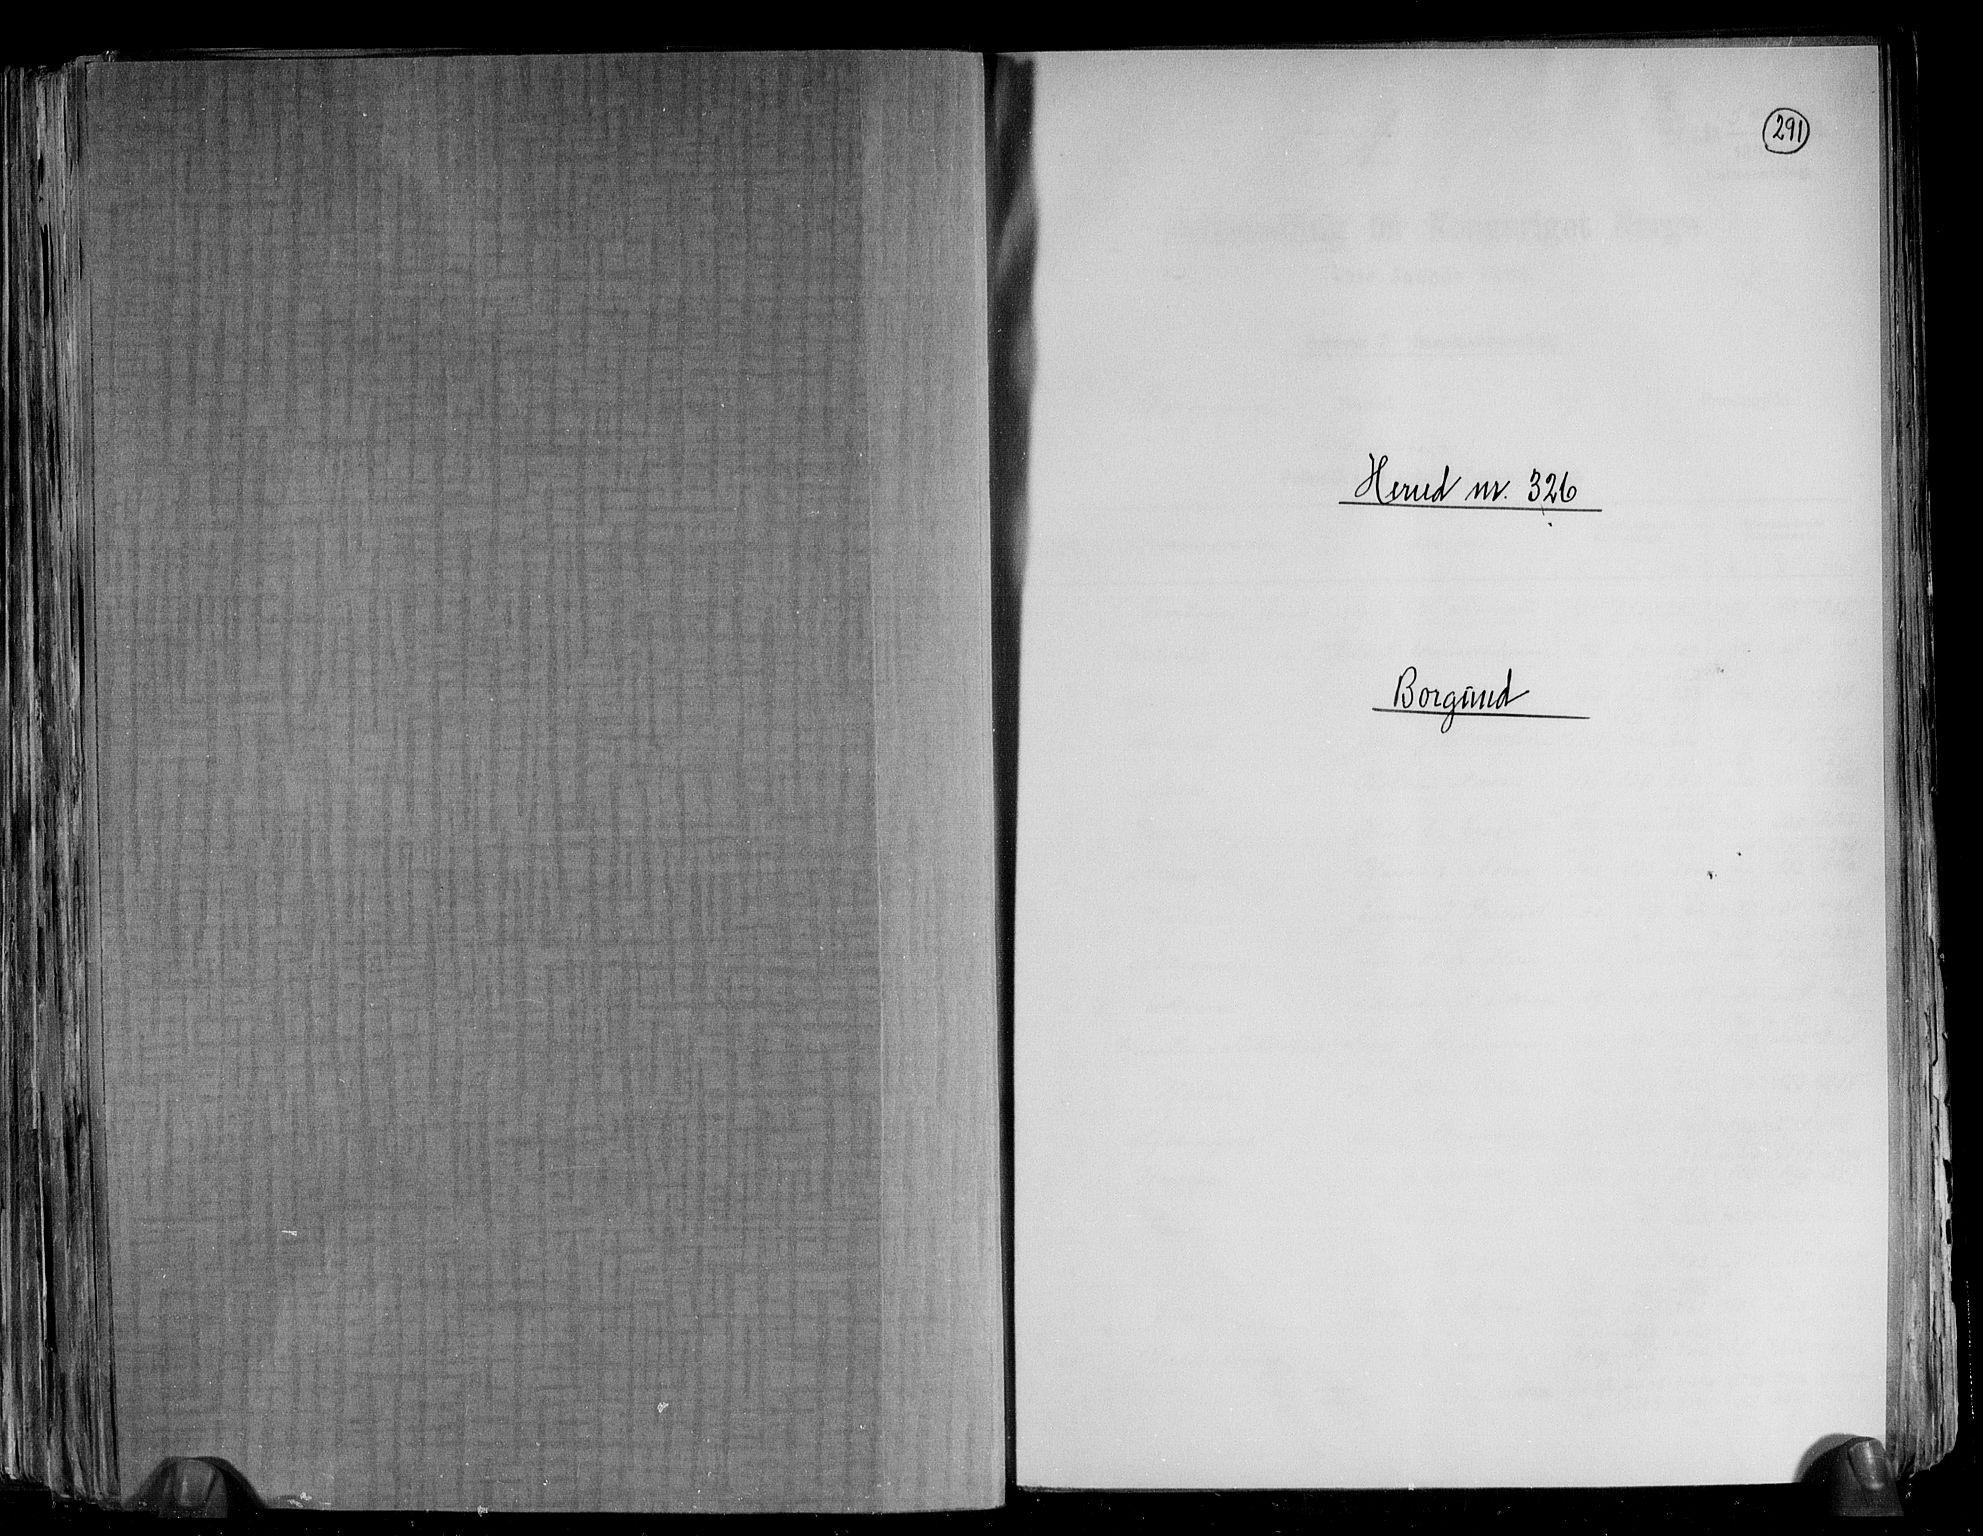 RA, Folketelling 1891 for 1531 Borgund herred, 1891, s. 1